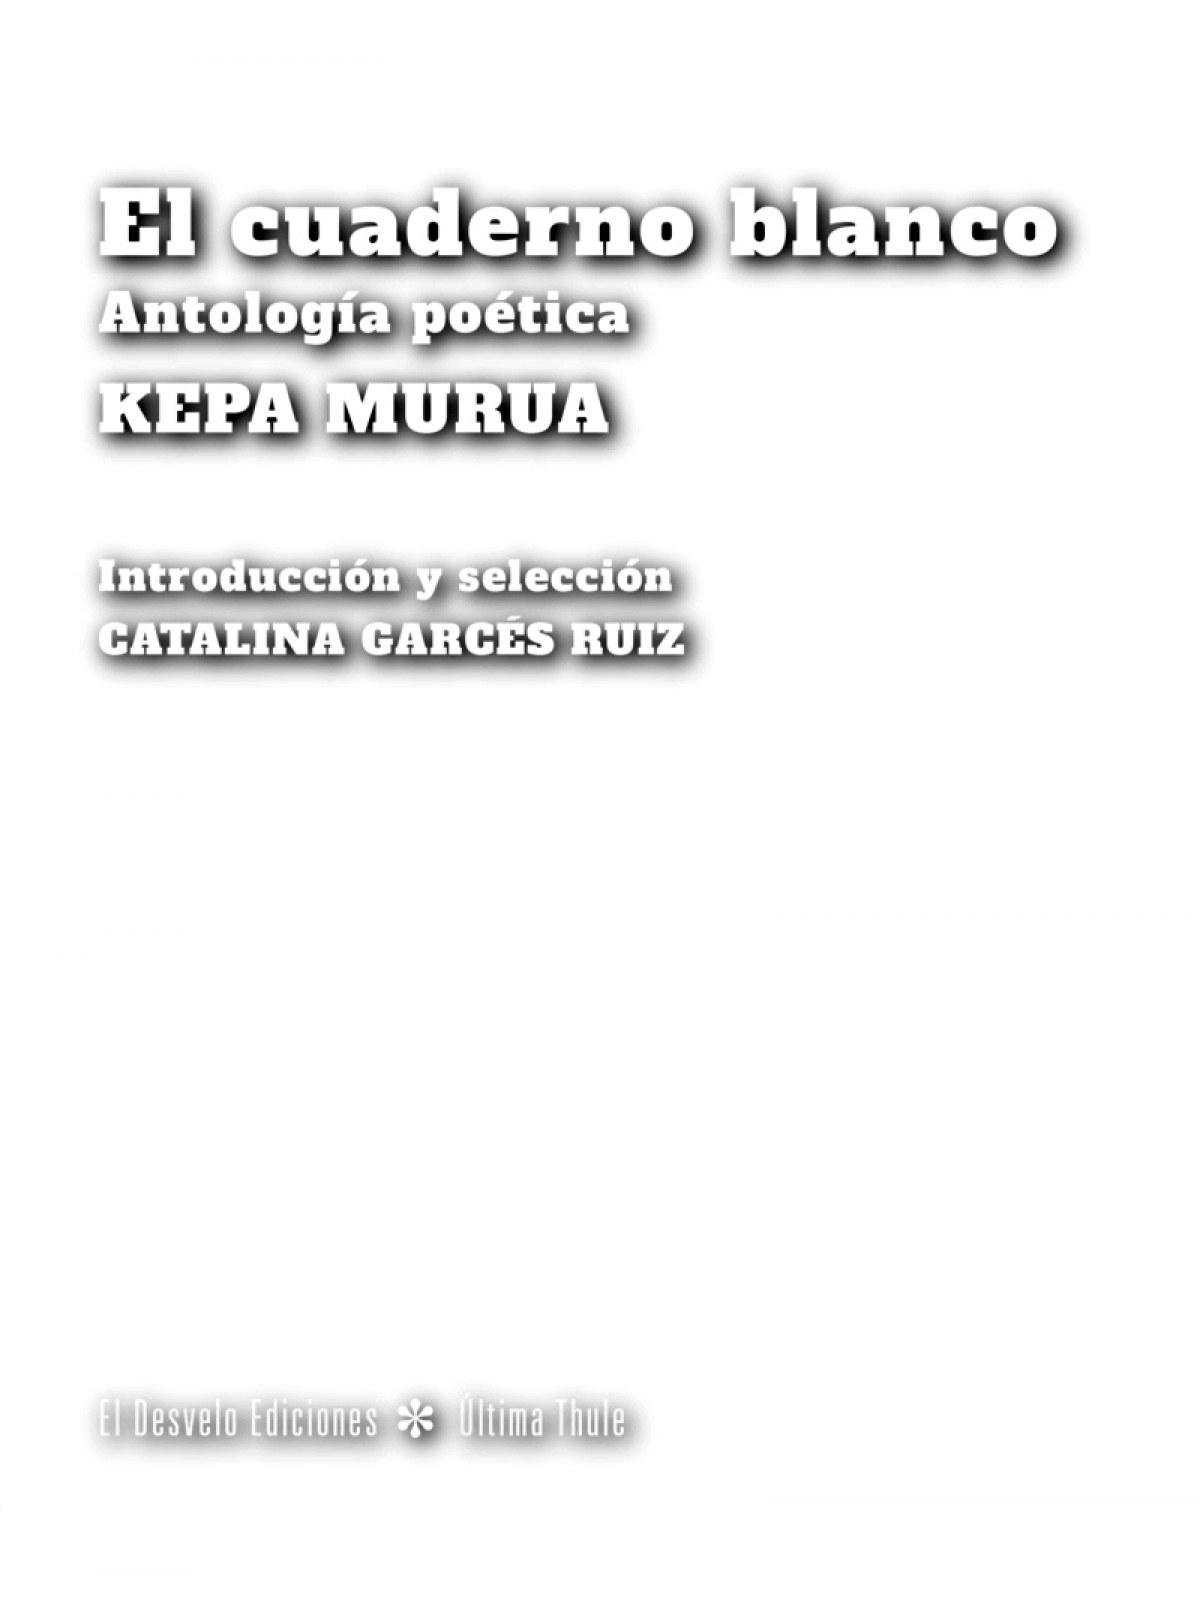 EL CUADERNO BLANCO